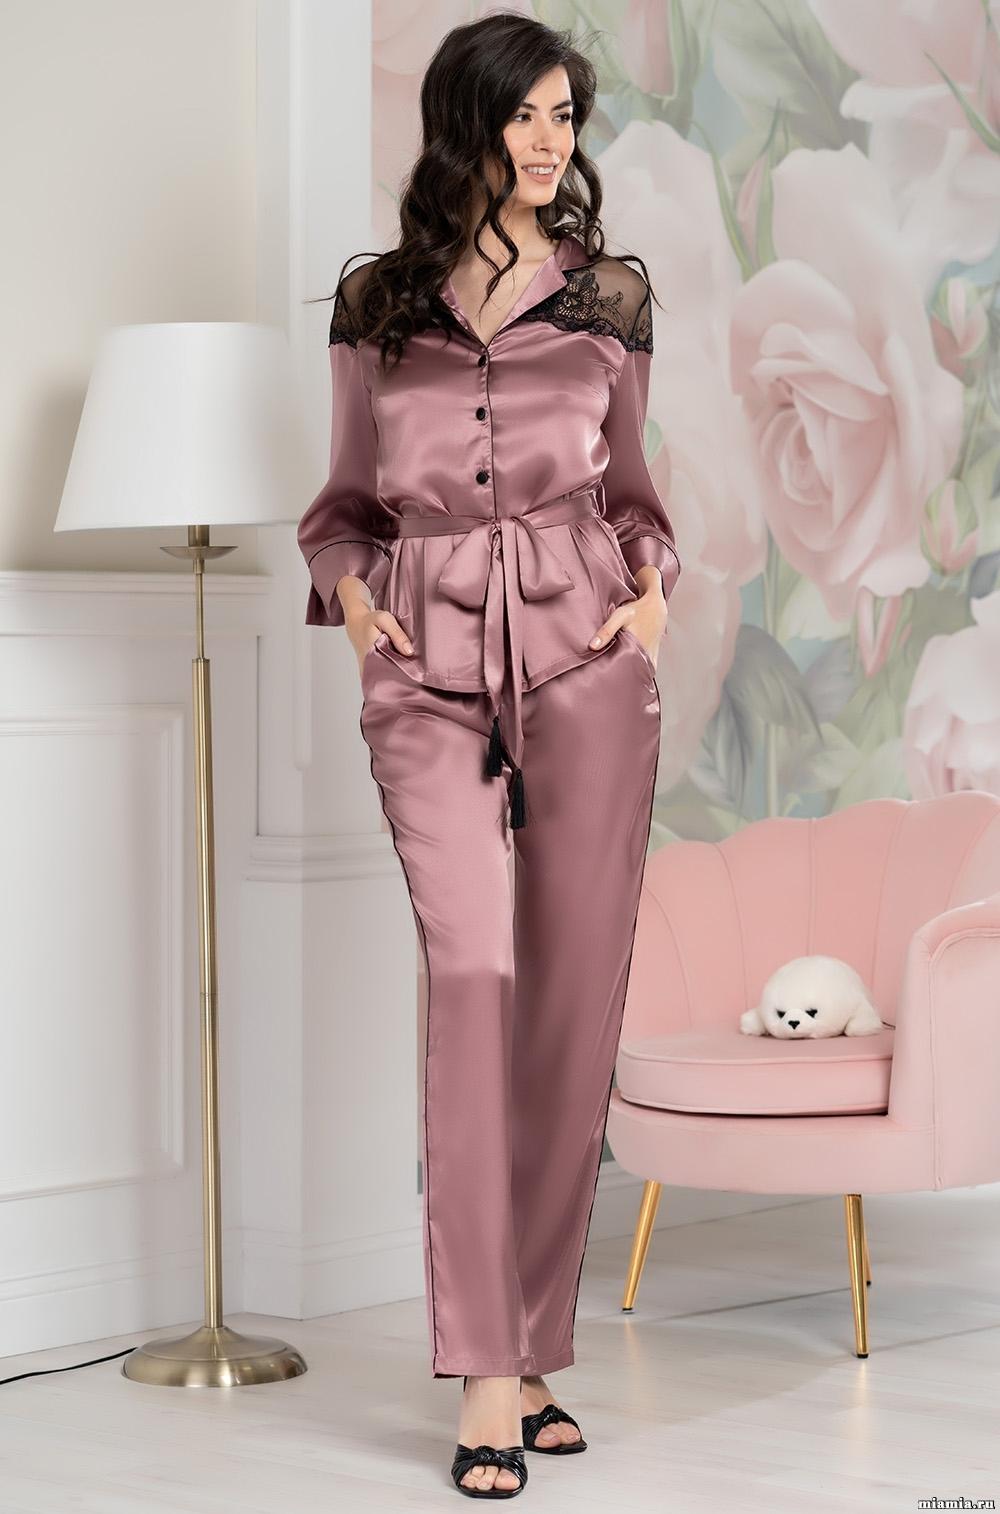 шелк натуральный Комплект домашний с брюками Mia-Amore OLIVIA ОЛИВИЯ 3646 античная роза 3646_1__1_.jpg